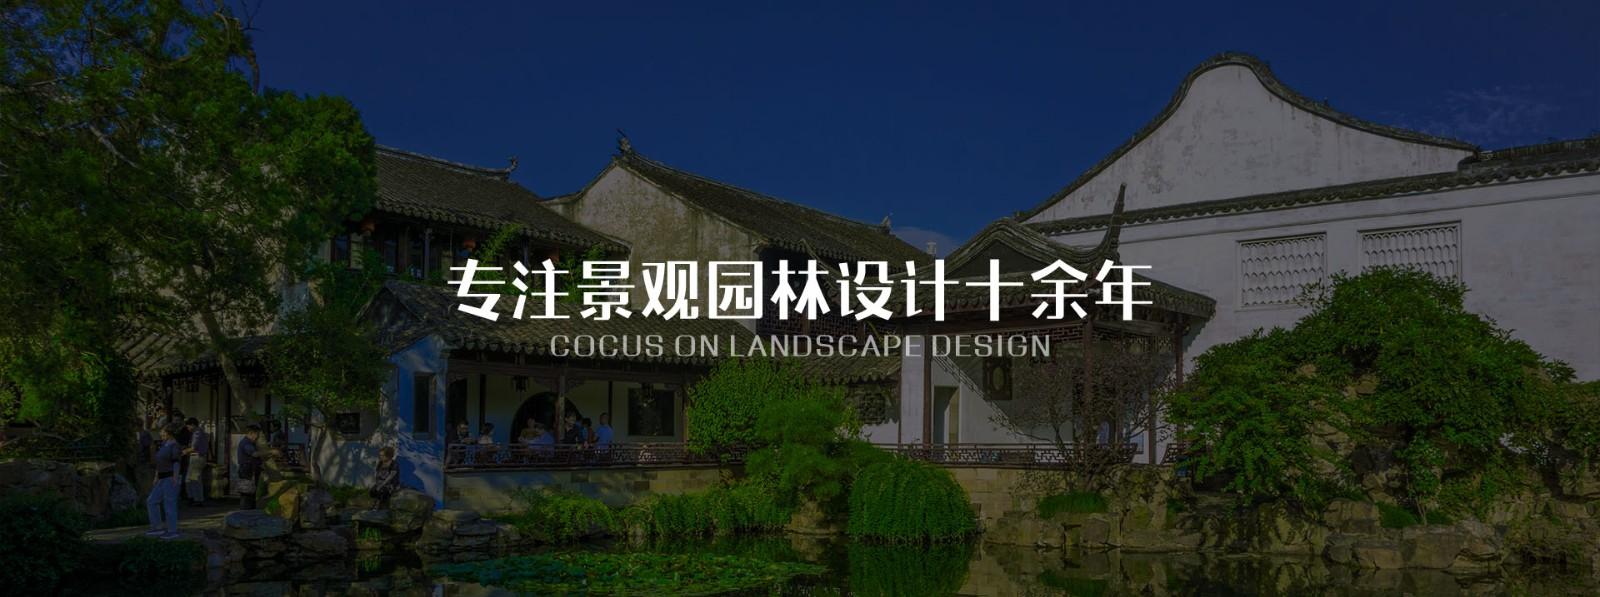 师法自然,构建富有中国山水画意蕴的园林景观